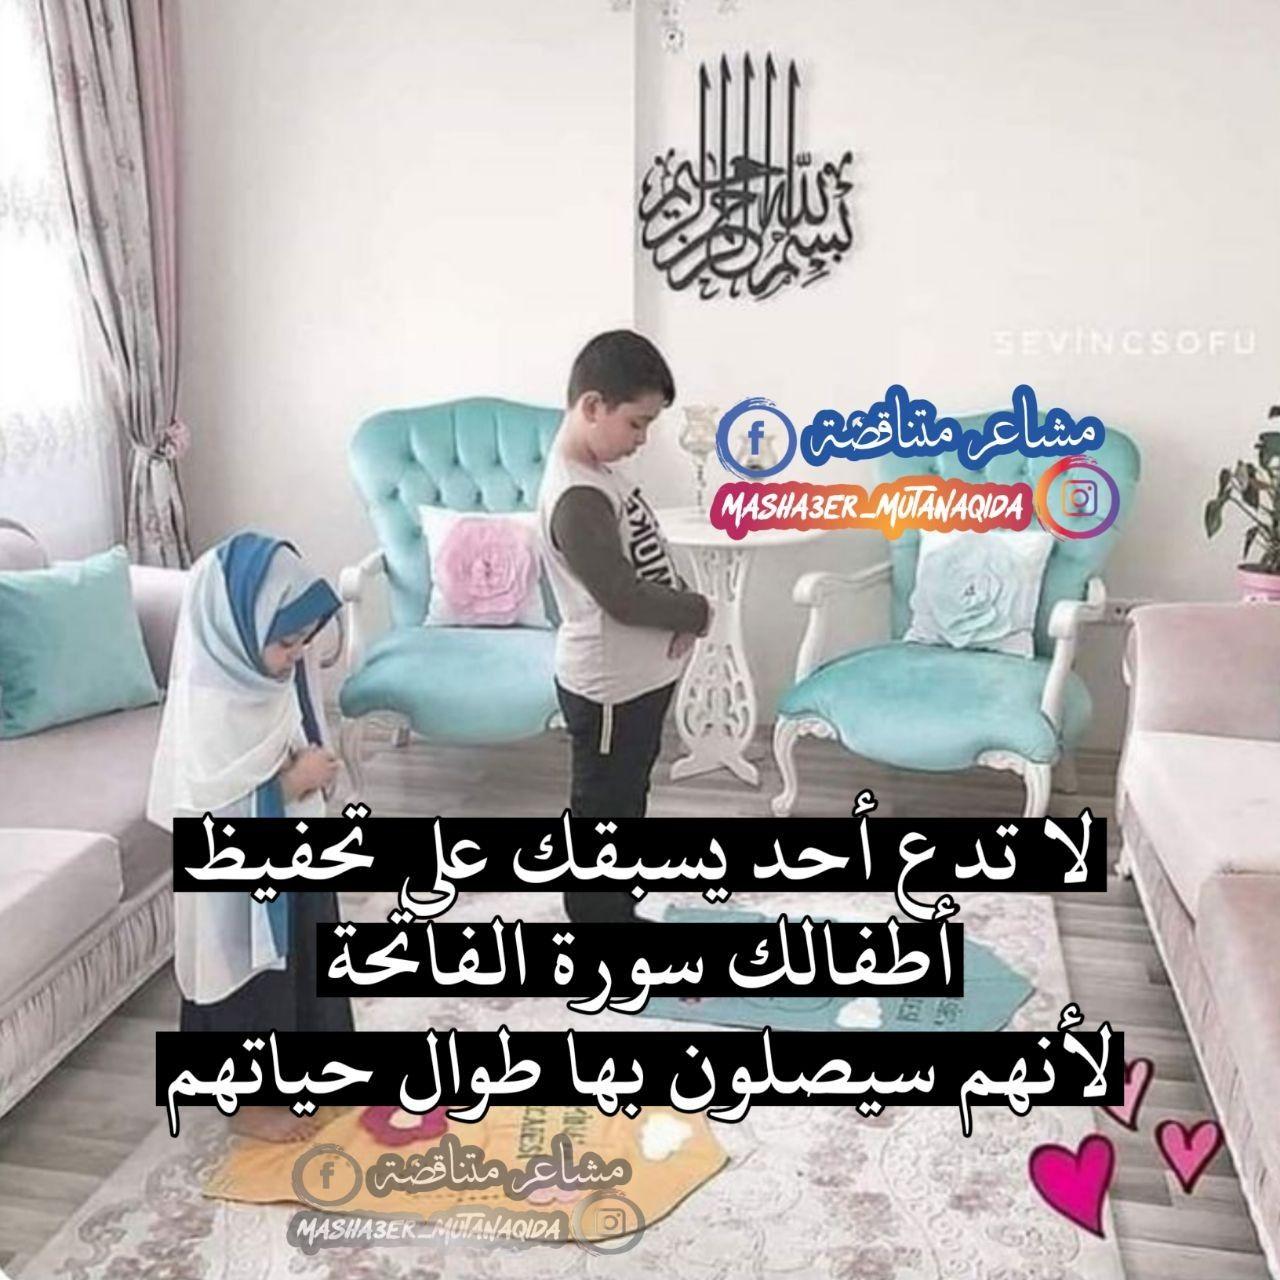 لا تدع أحد يسبقك على تحفيظ أطفالك سورة الفاتحة لأنهم سيصلون بها طوال حياتهم Home Decor Decals Home Decor Decor